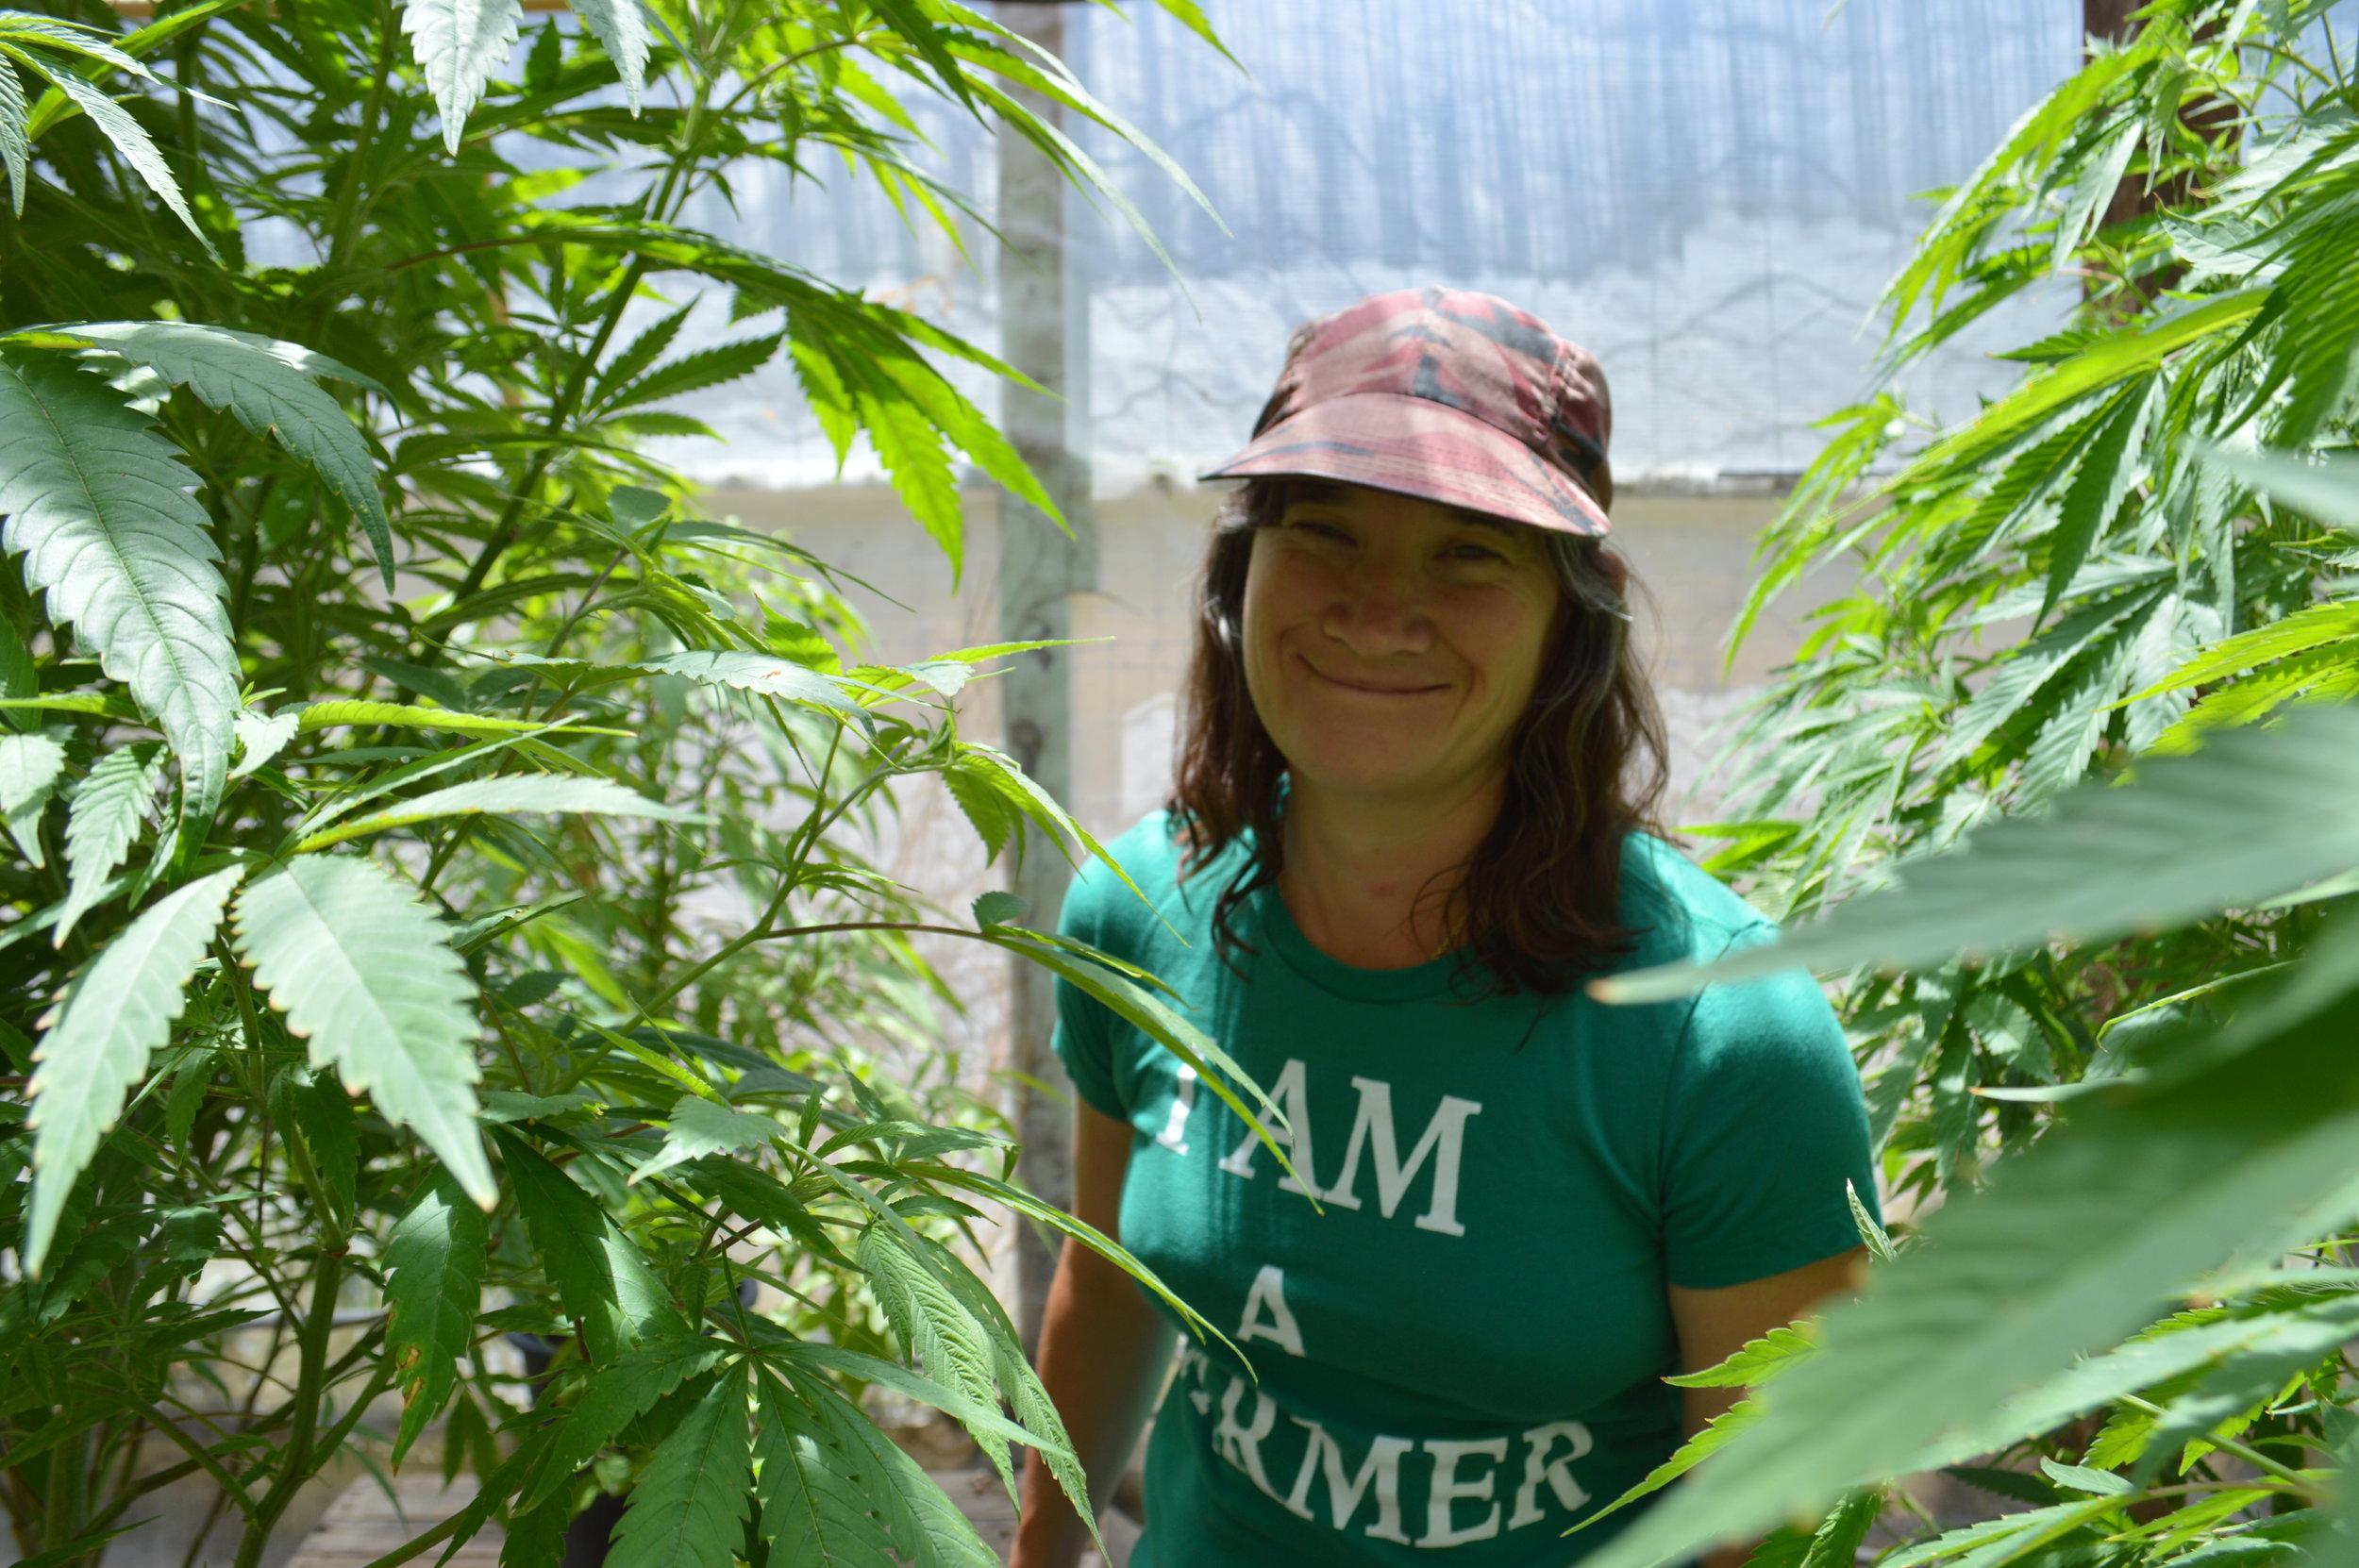 Sunshine johnston in her garden. photo: sharon letts